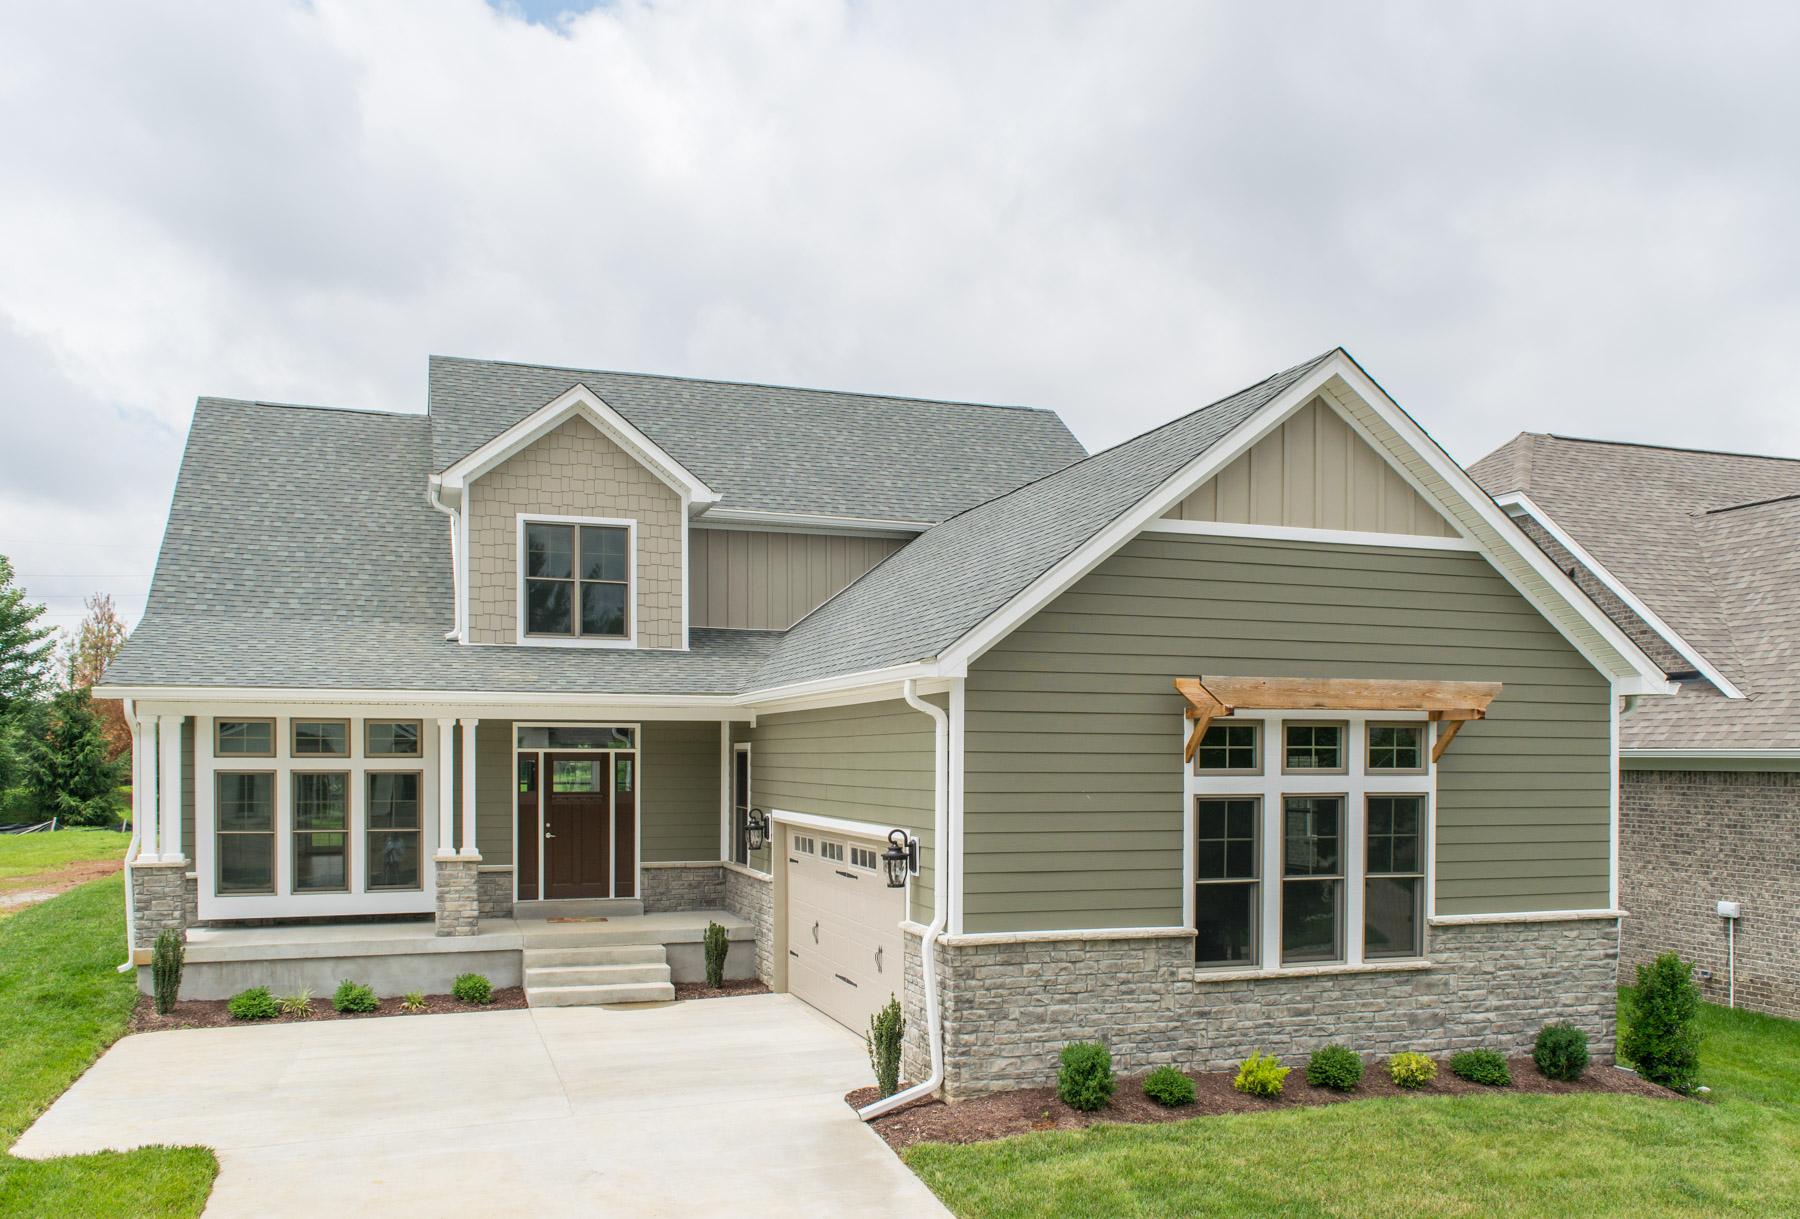 Maison unifamiliale pour l Vente à 7808 Springfarm Pointe Place Prospect, Kentucky 40059 États-Unis